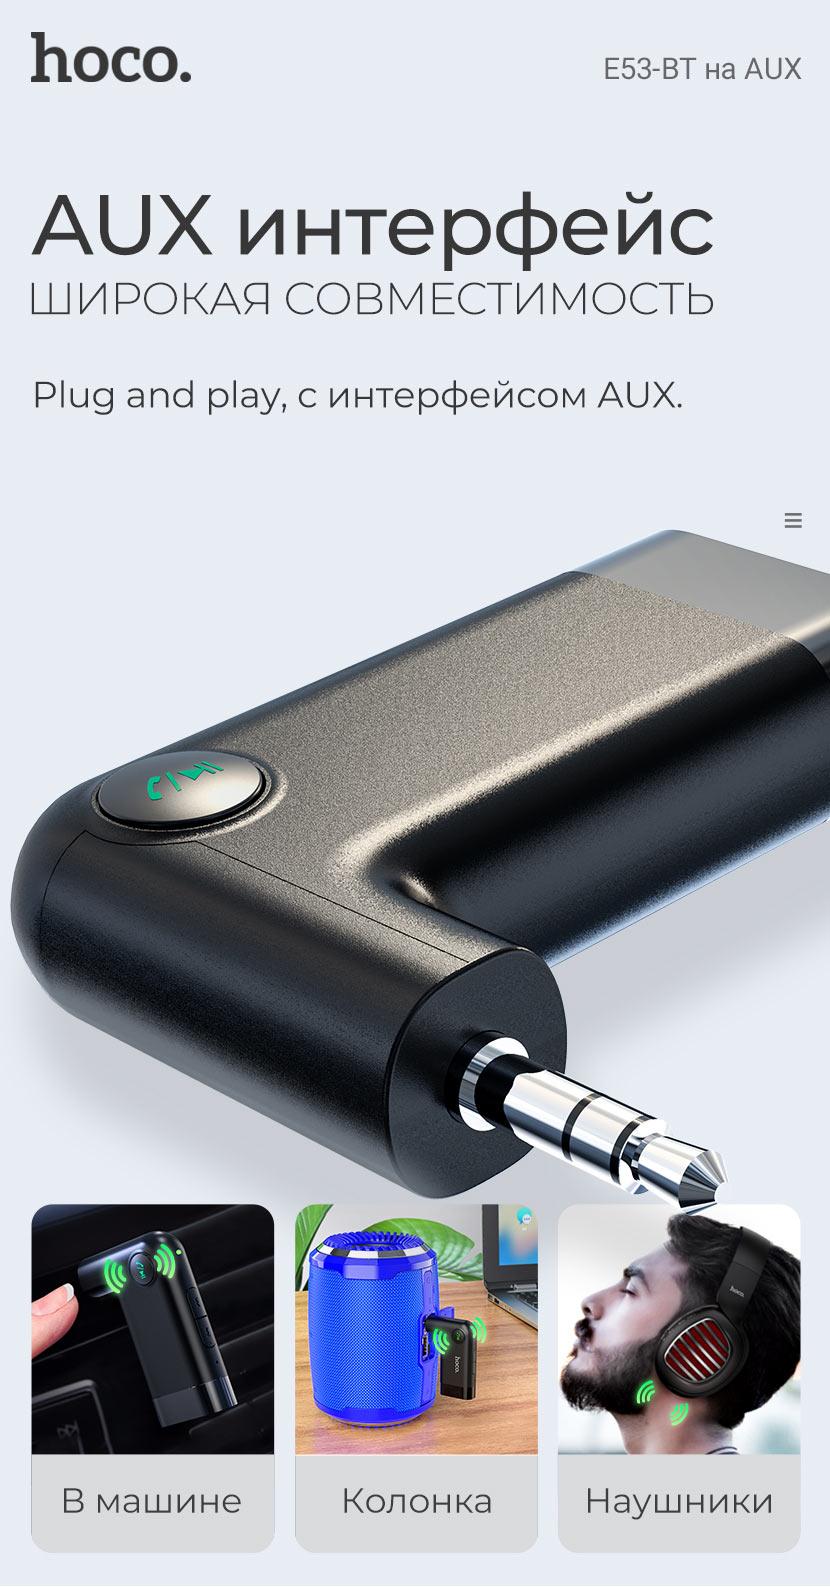 hoco news e53 dawn sound in car aux wireless receiver interface ru